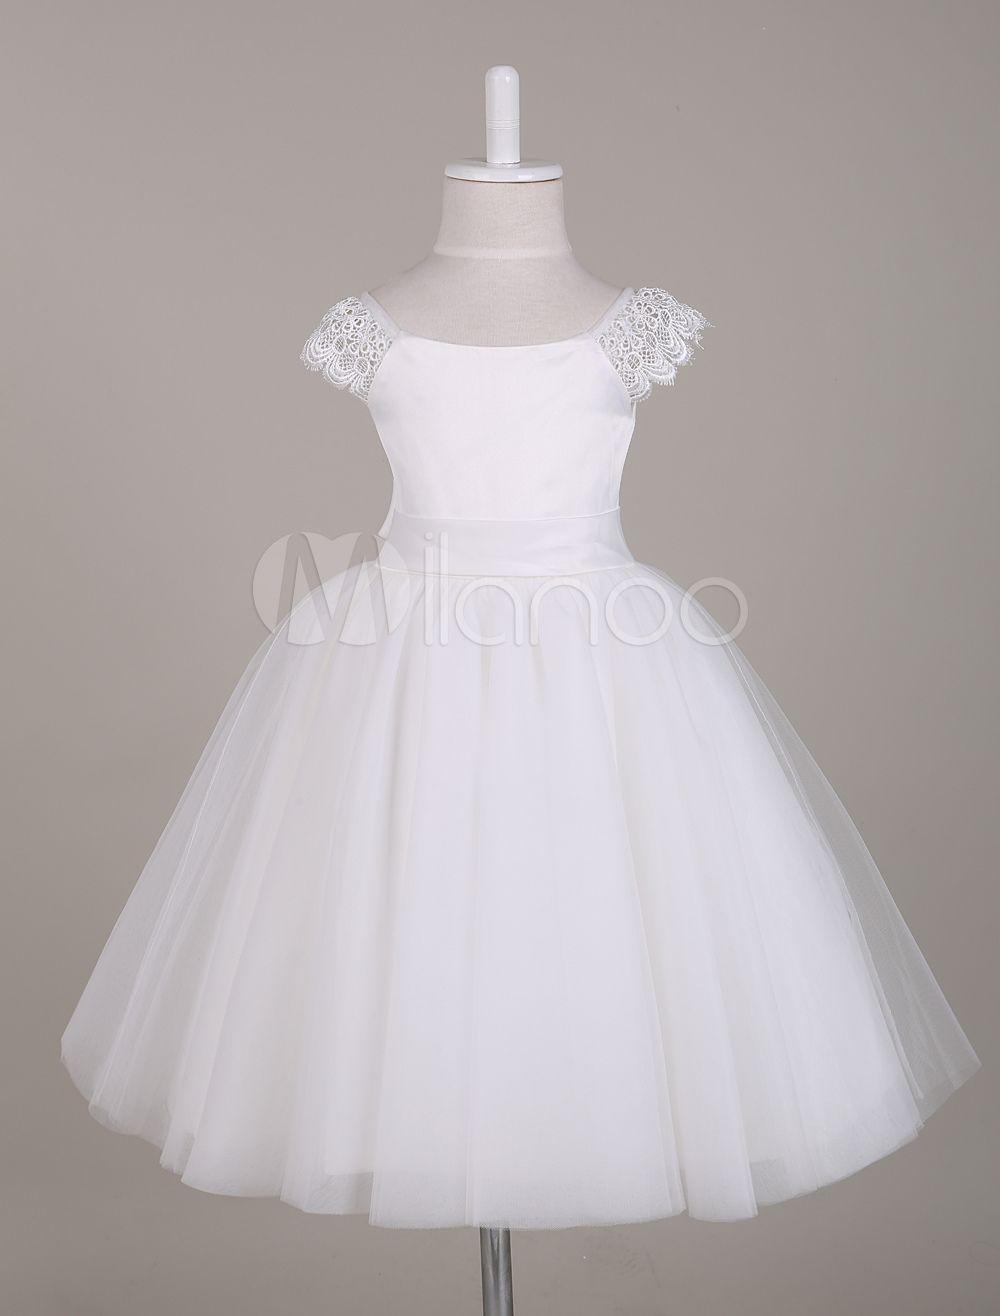 85327883f Vestido de niña de las flores blancas con mangas de encaje vestido ...